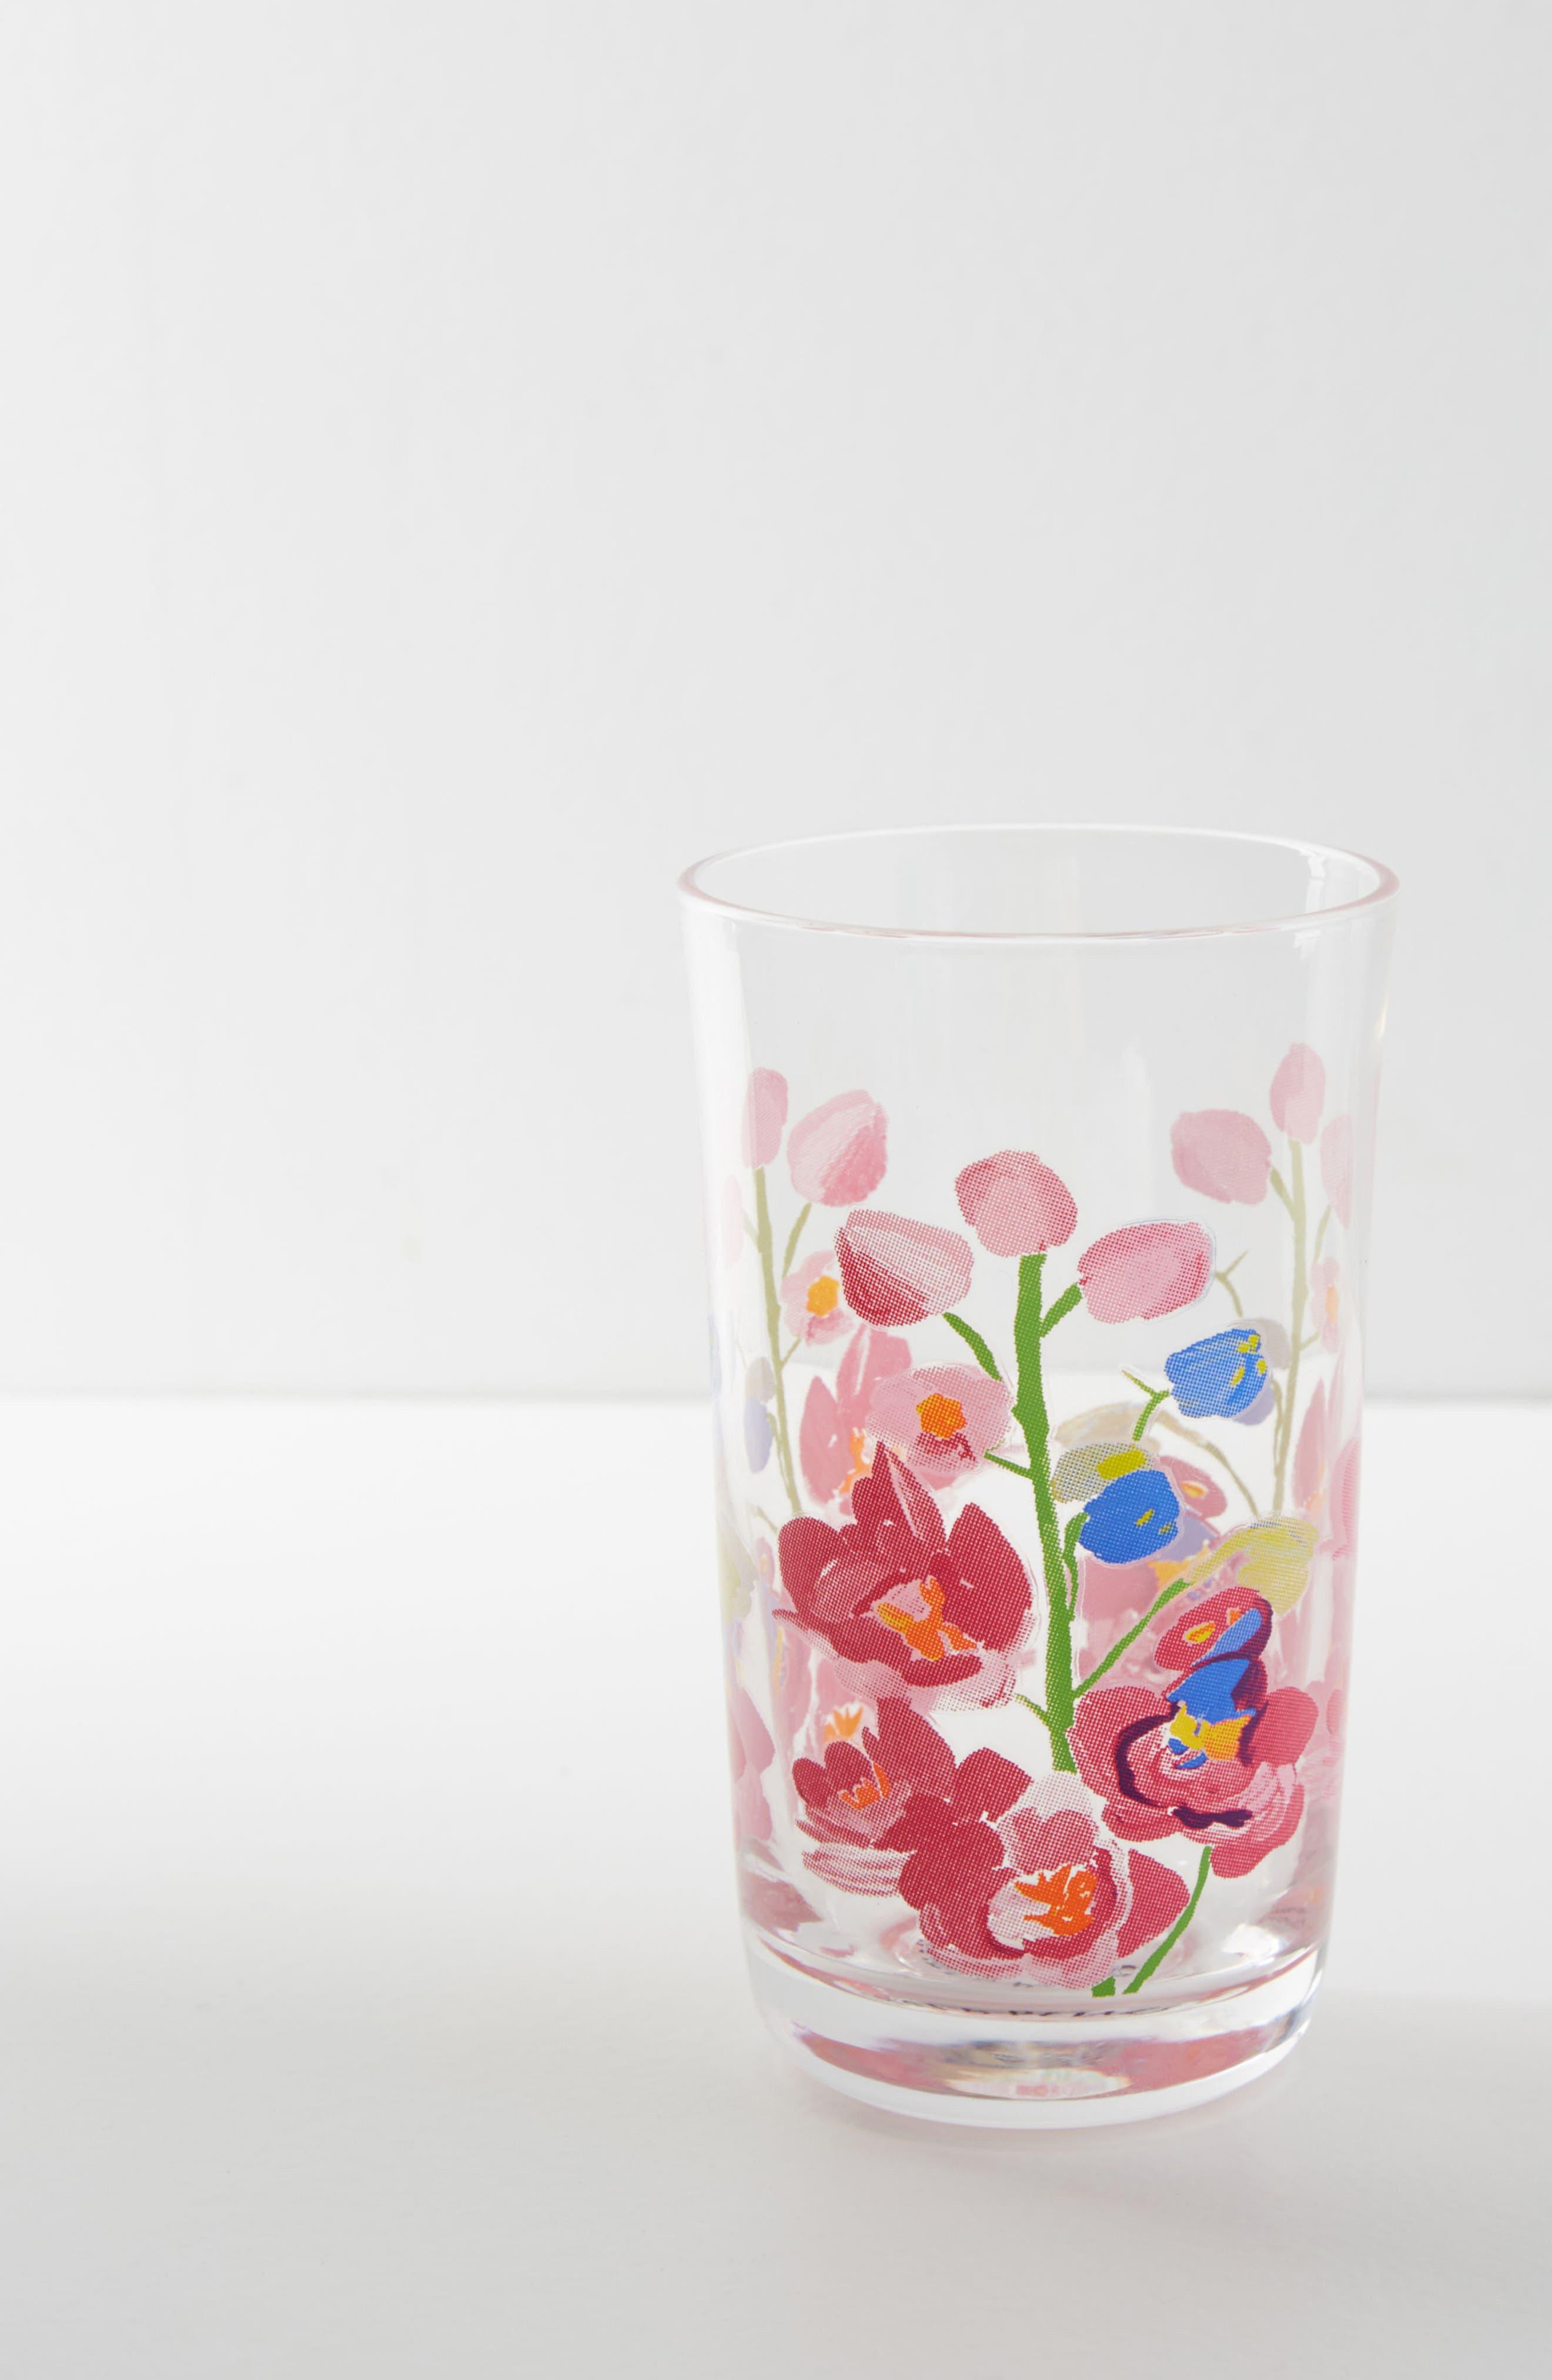 Paint + Petals Juice Glass,                             Alternate thumbnail 2, color,                             465